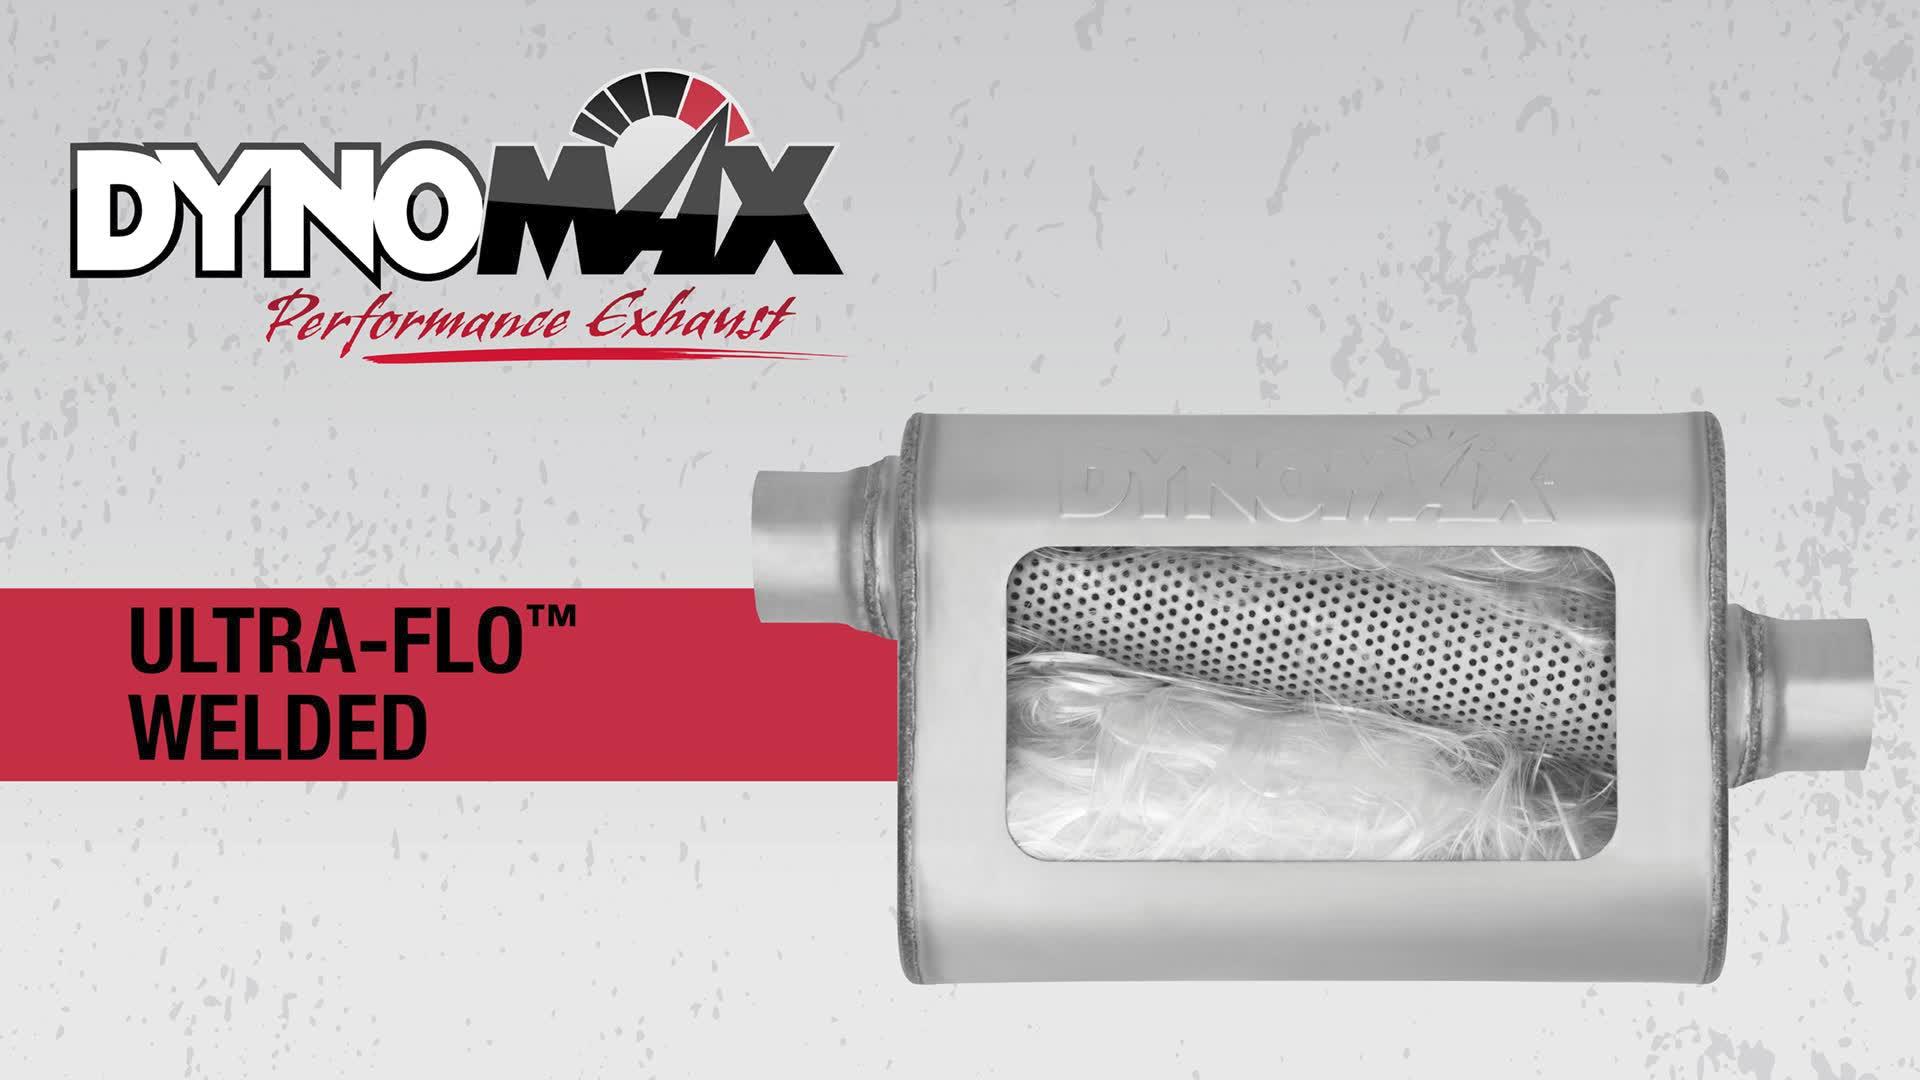 Dynomax Ultra Flo Welded Muffler Sound Dynomax Ultra Flo Welded Muffler Sound on a 2010 Chevy Camaro